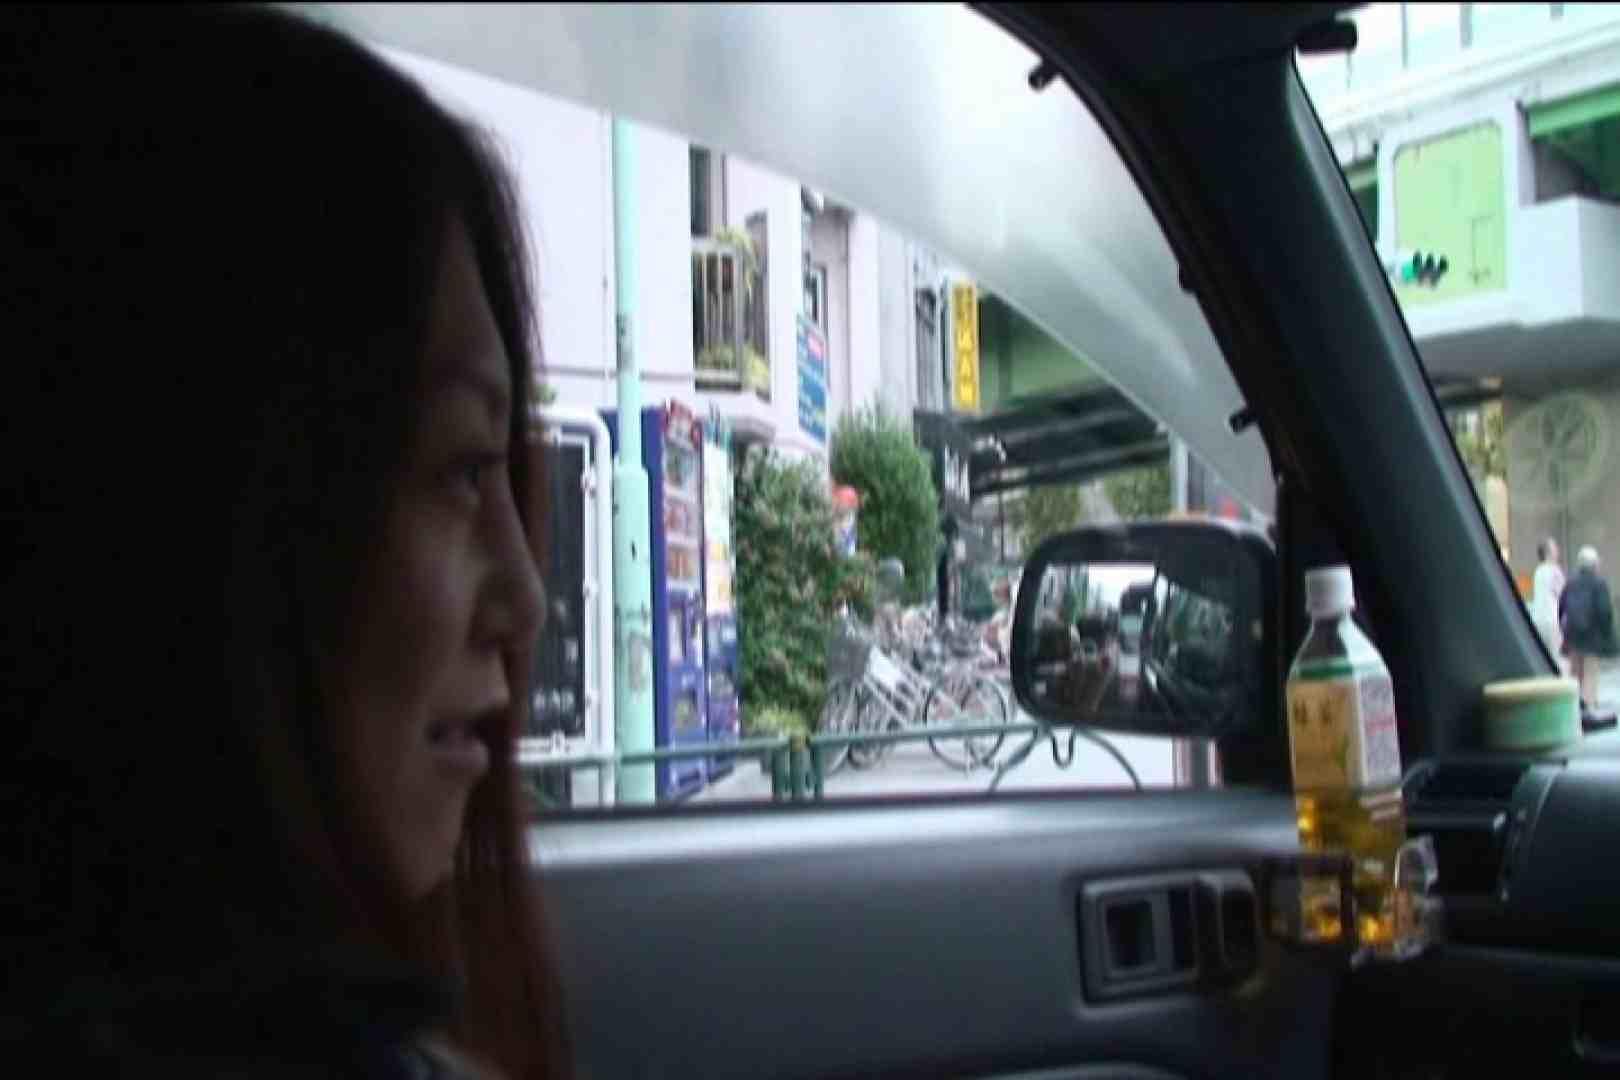 車内で初めまして! vol04 無修正オマンコ オメコ動画キャプチャ 71画像 31